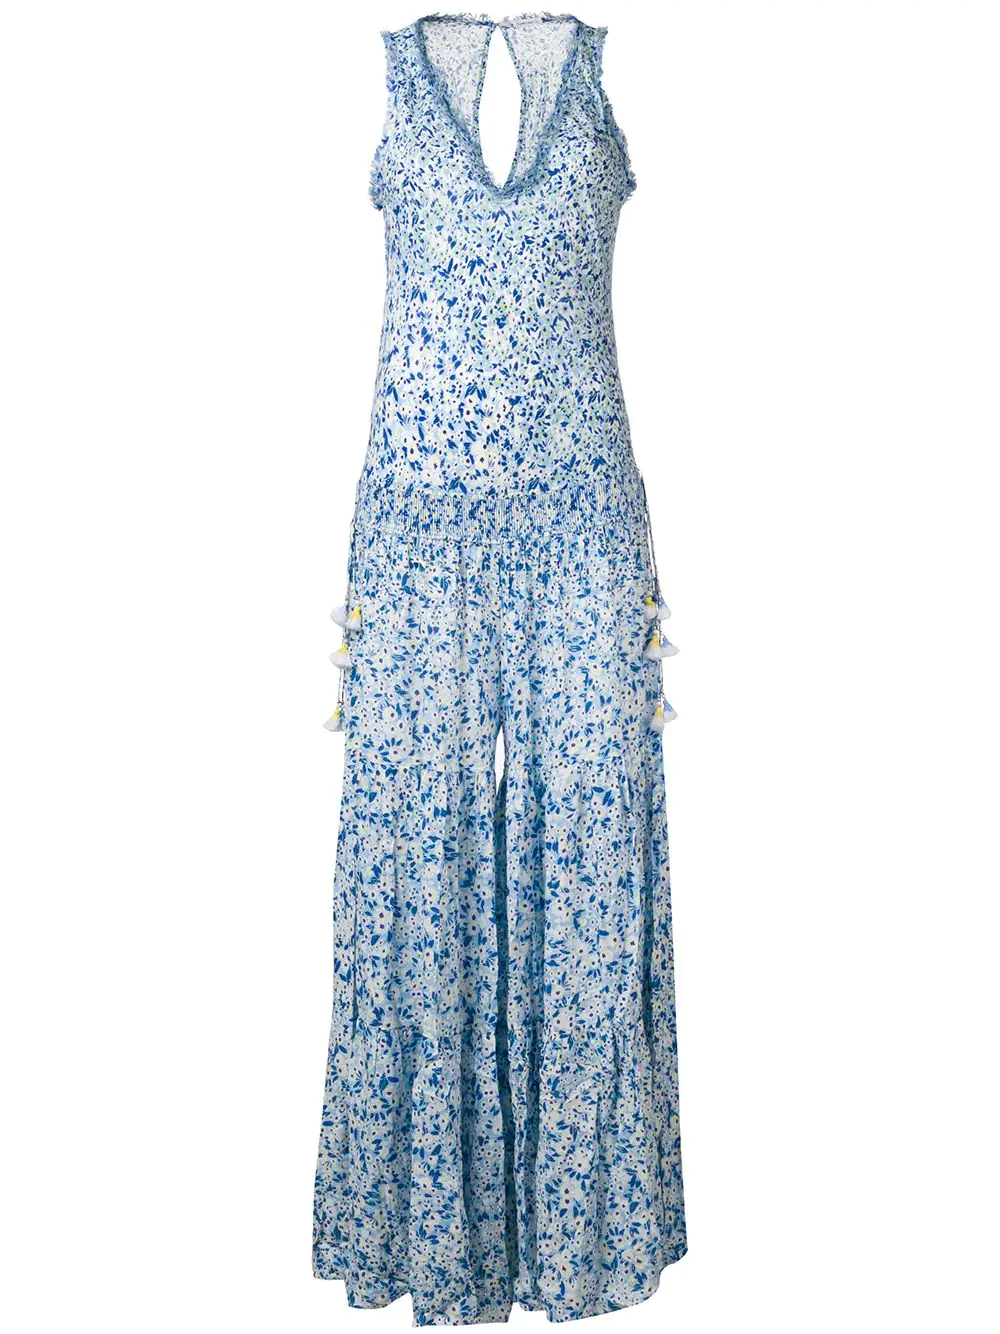 e4ca9dc35da9 Poupette St Barth Printed Palazzo Jumpsuit - Blue